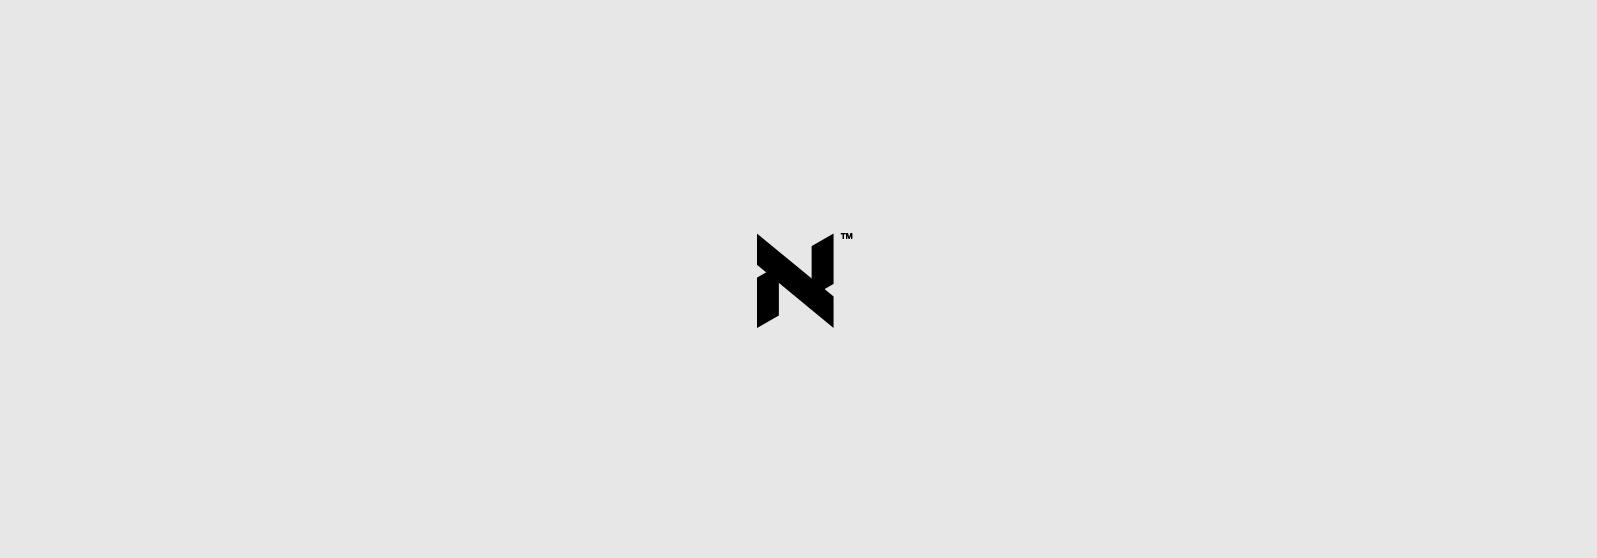 logos_01_02